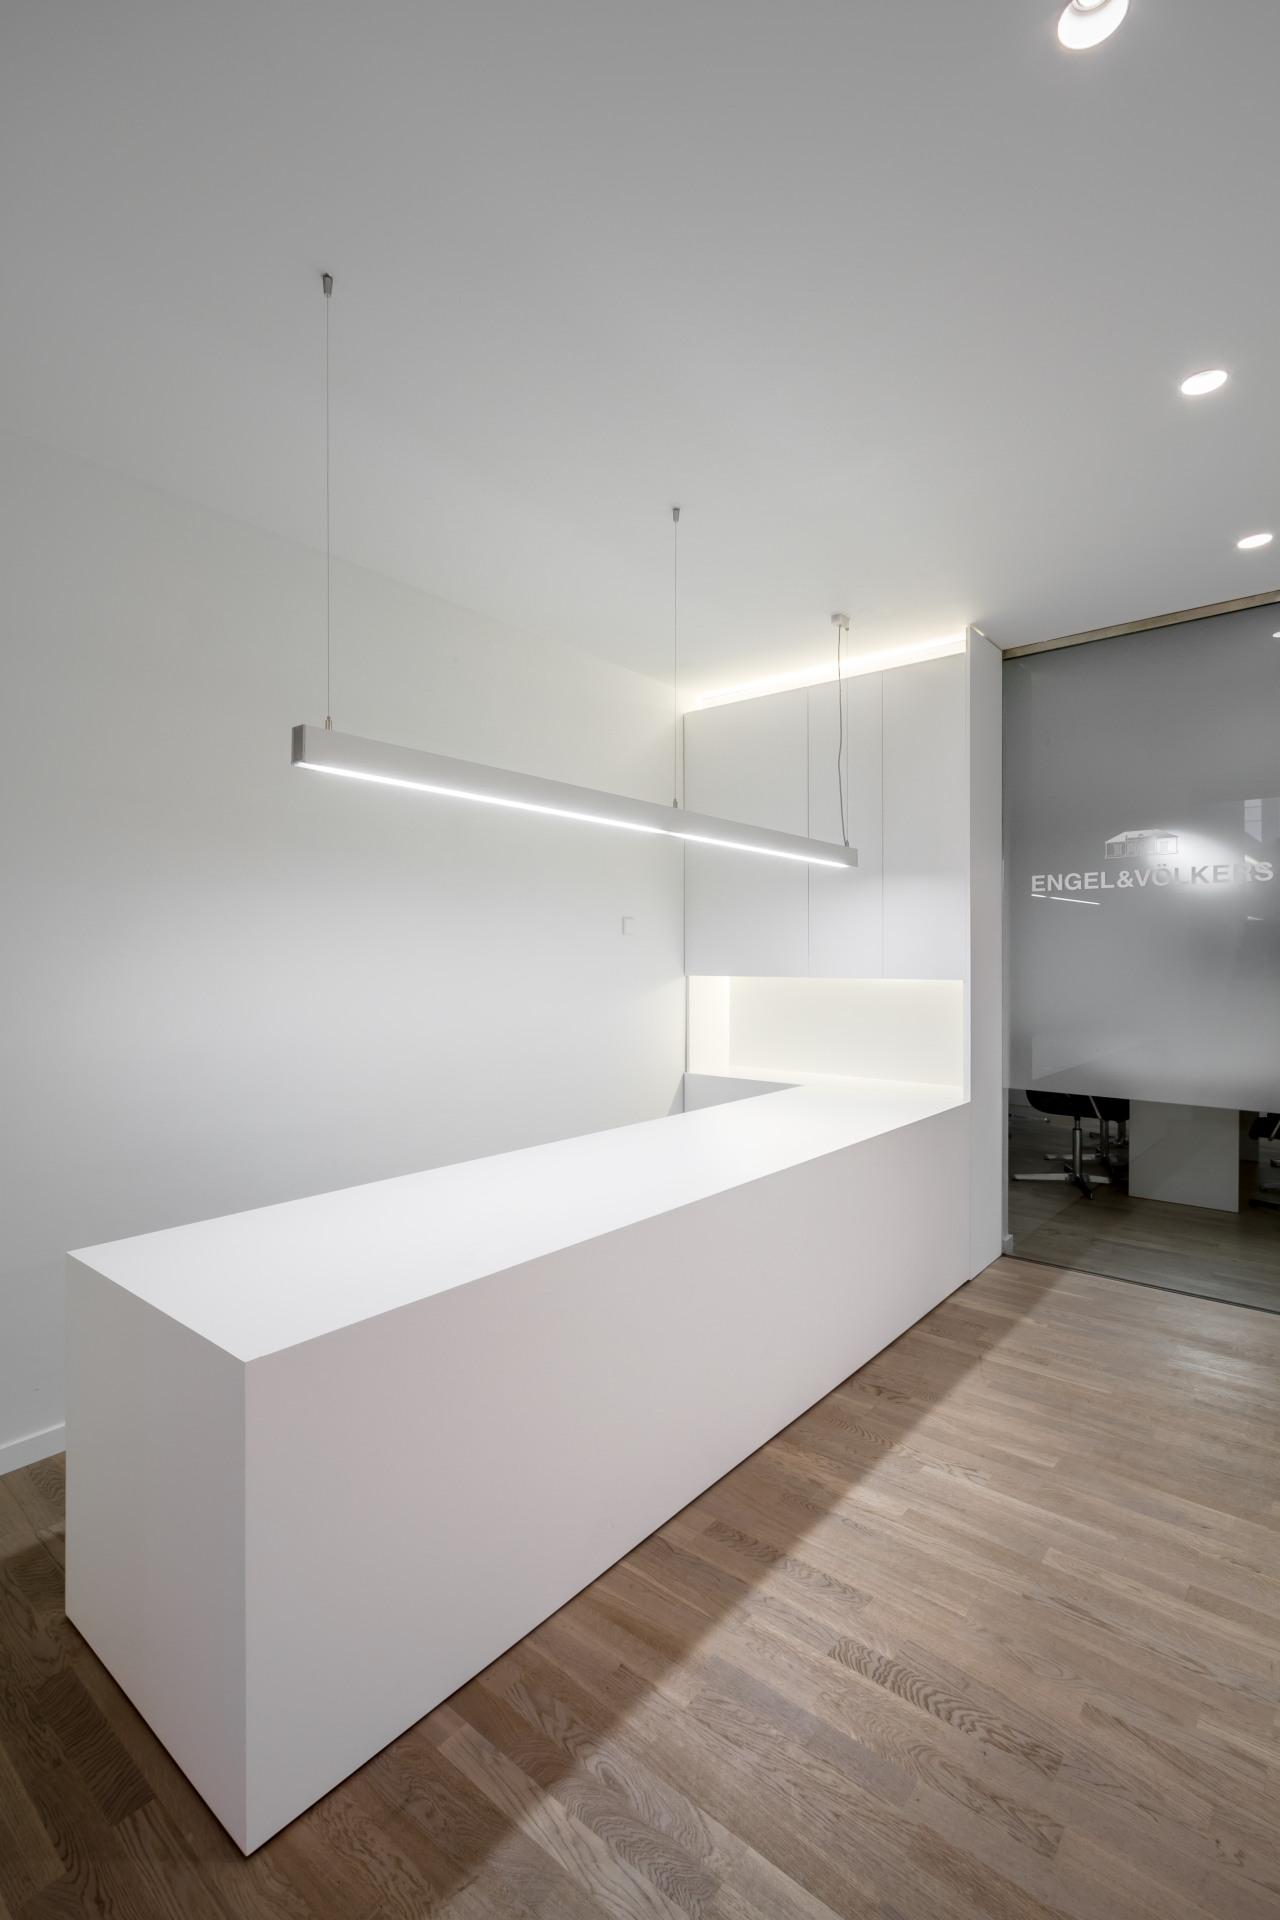 fotografia-arquitectura-valencia-german-cabo-bfm-engel-volkers (17)